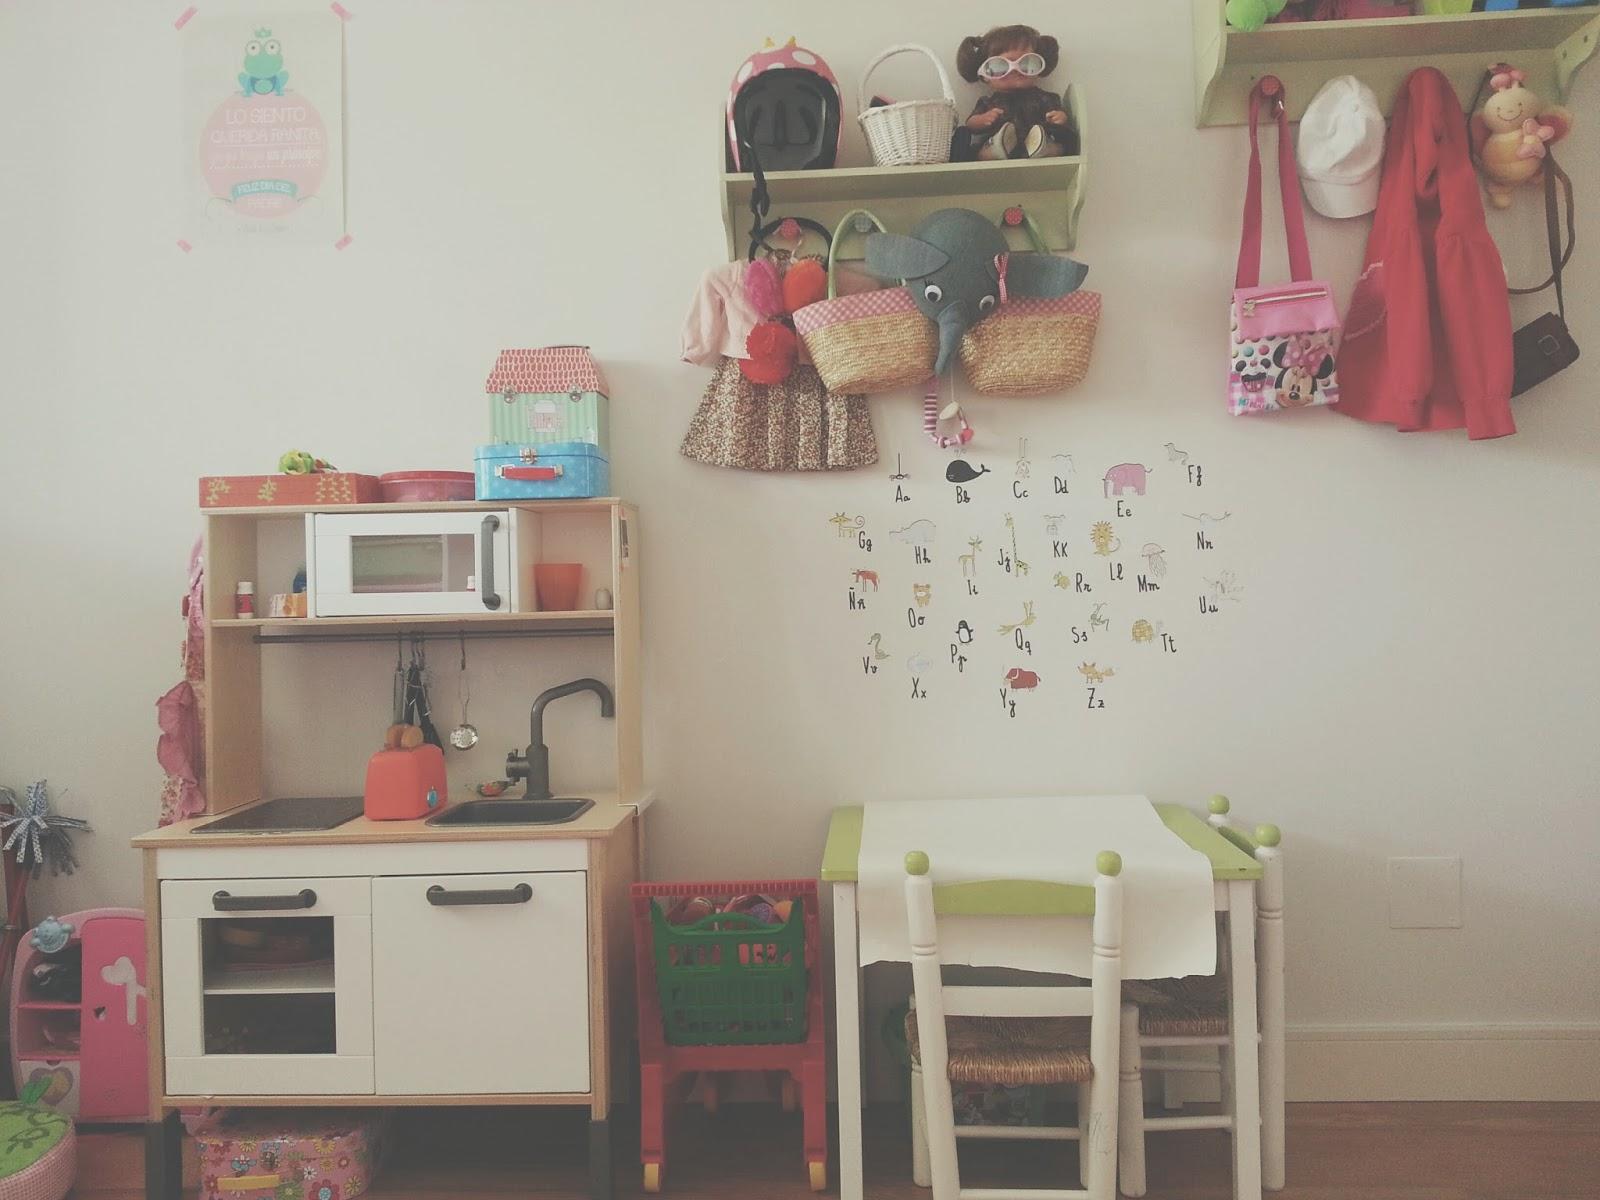 Habitaci n para ni as a partir de 2 a os for Ideas para decorar habitacion nino de 3 anos